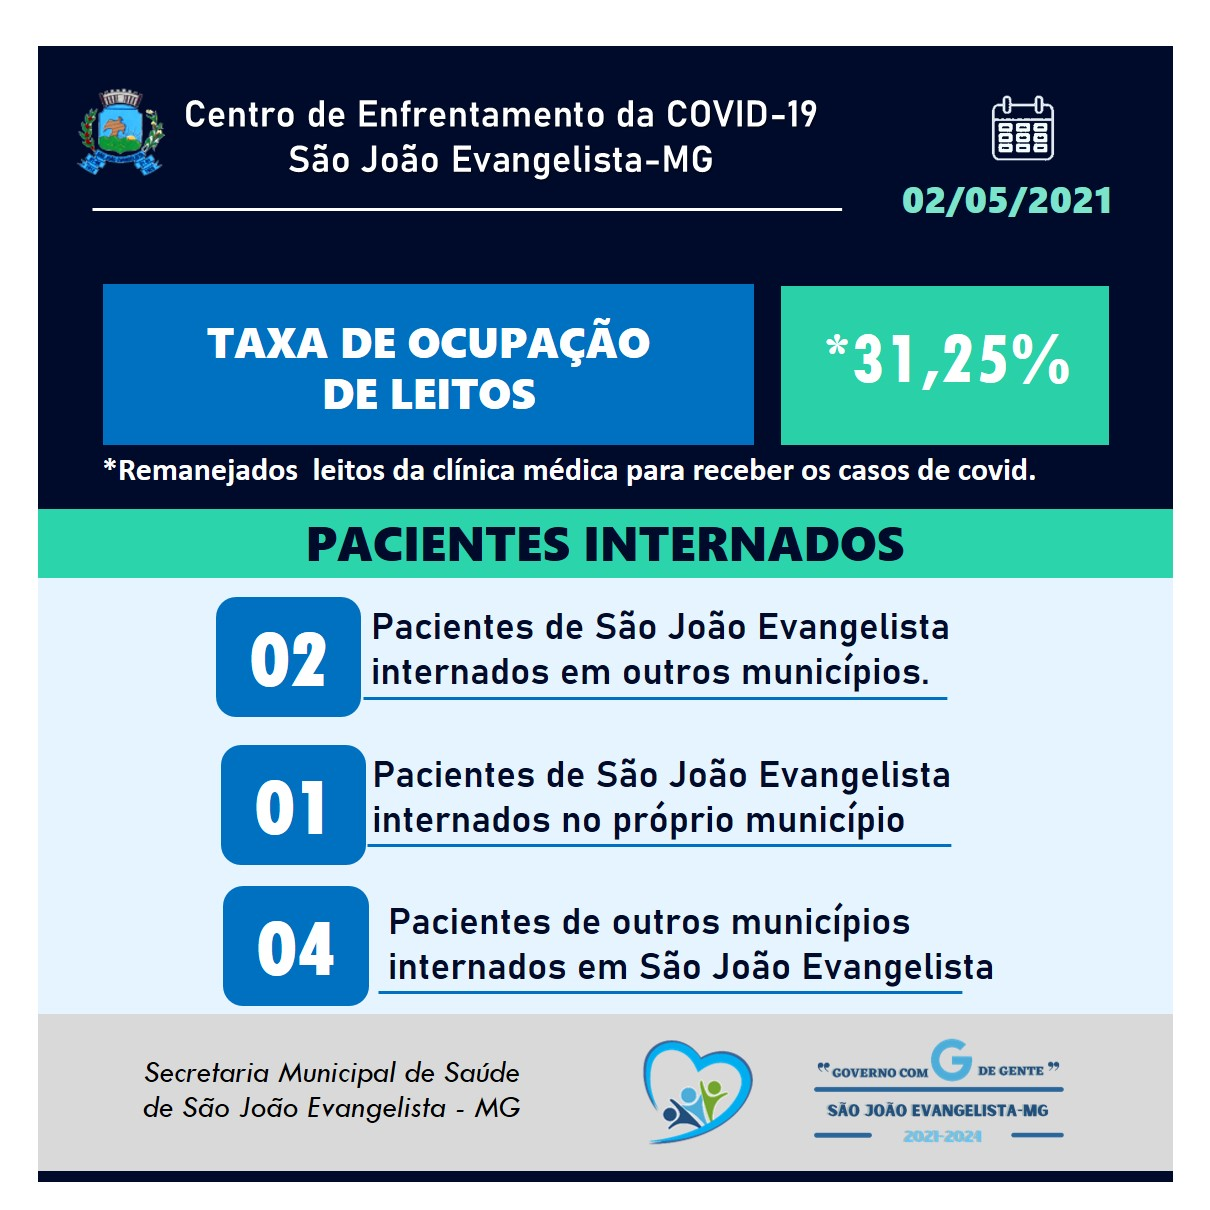 TAXA DE OCUPAÇÃO DE LEITOS - 02/05/2021